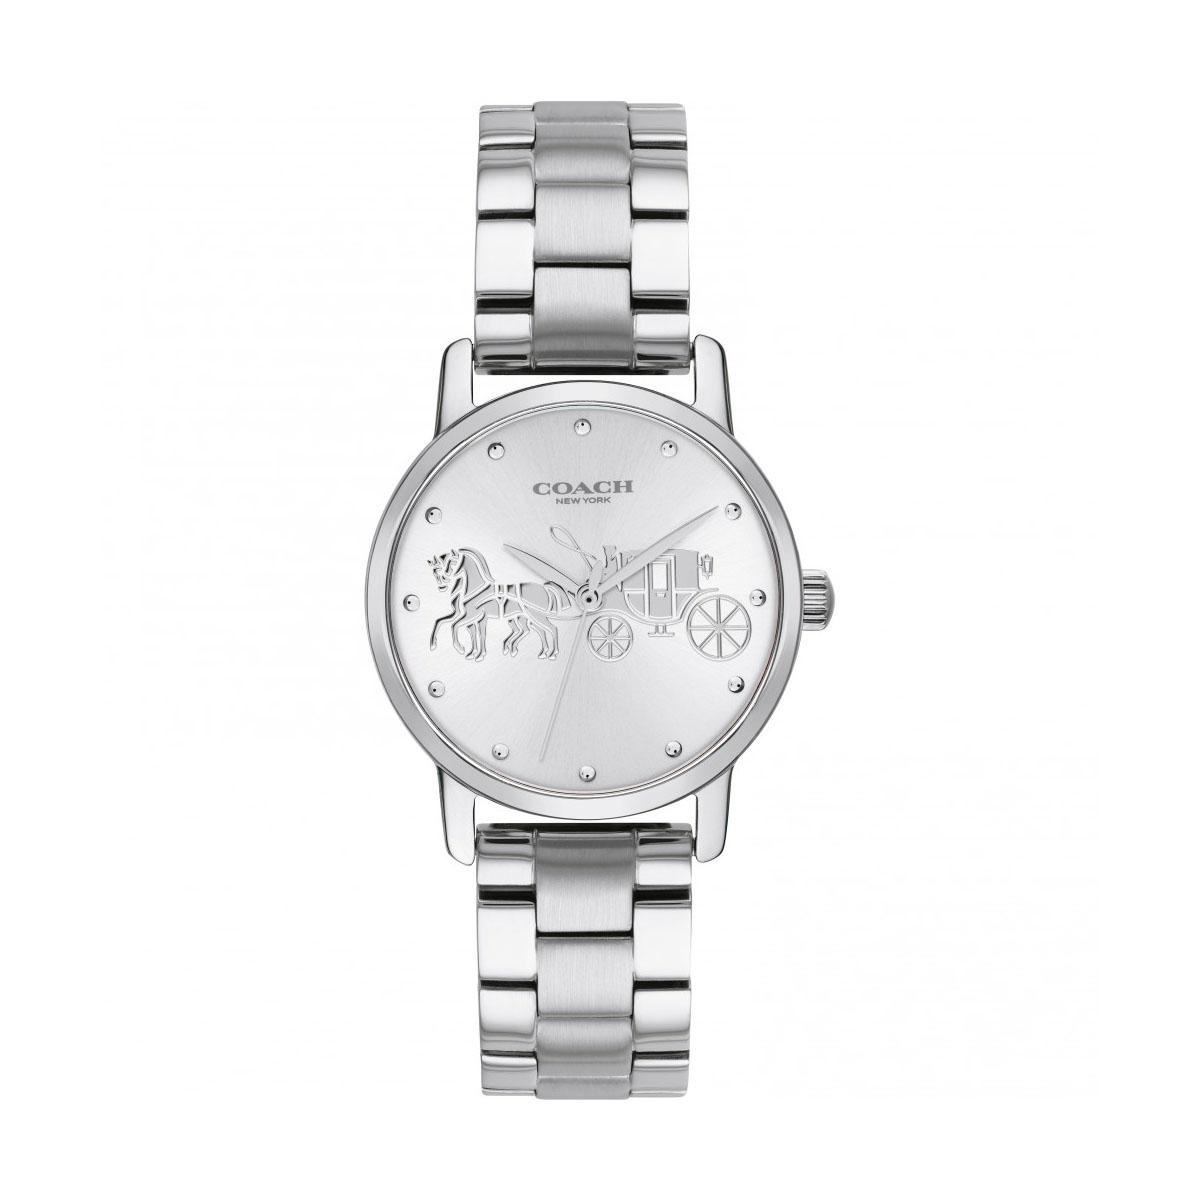 コーチ 本物 海外正規品 送料無料 あす楽 COACH 14502975 ステンレススチール 腕時計 情熱セール シルバー クォーツ Grand グランド レディース ブランド